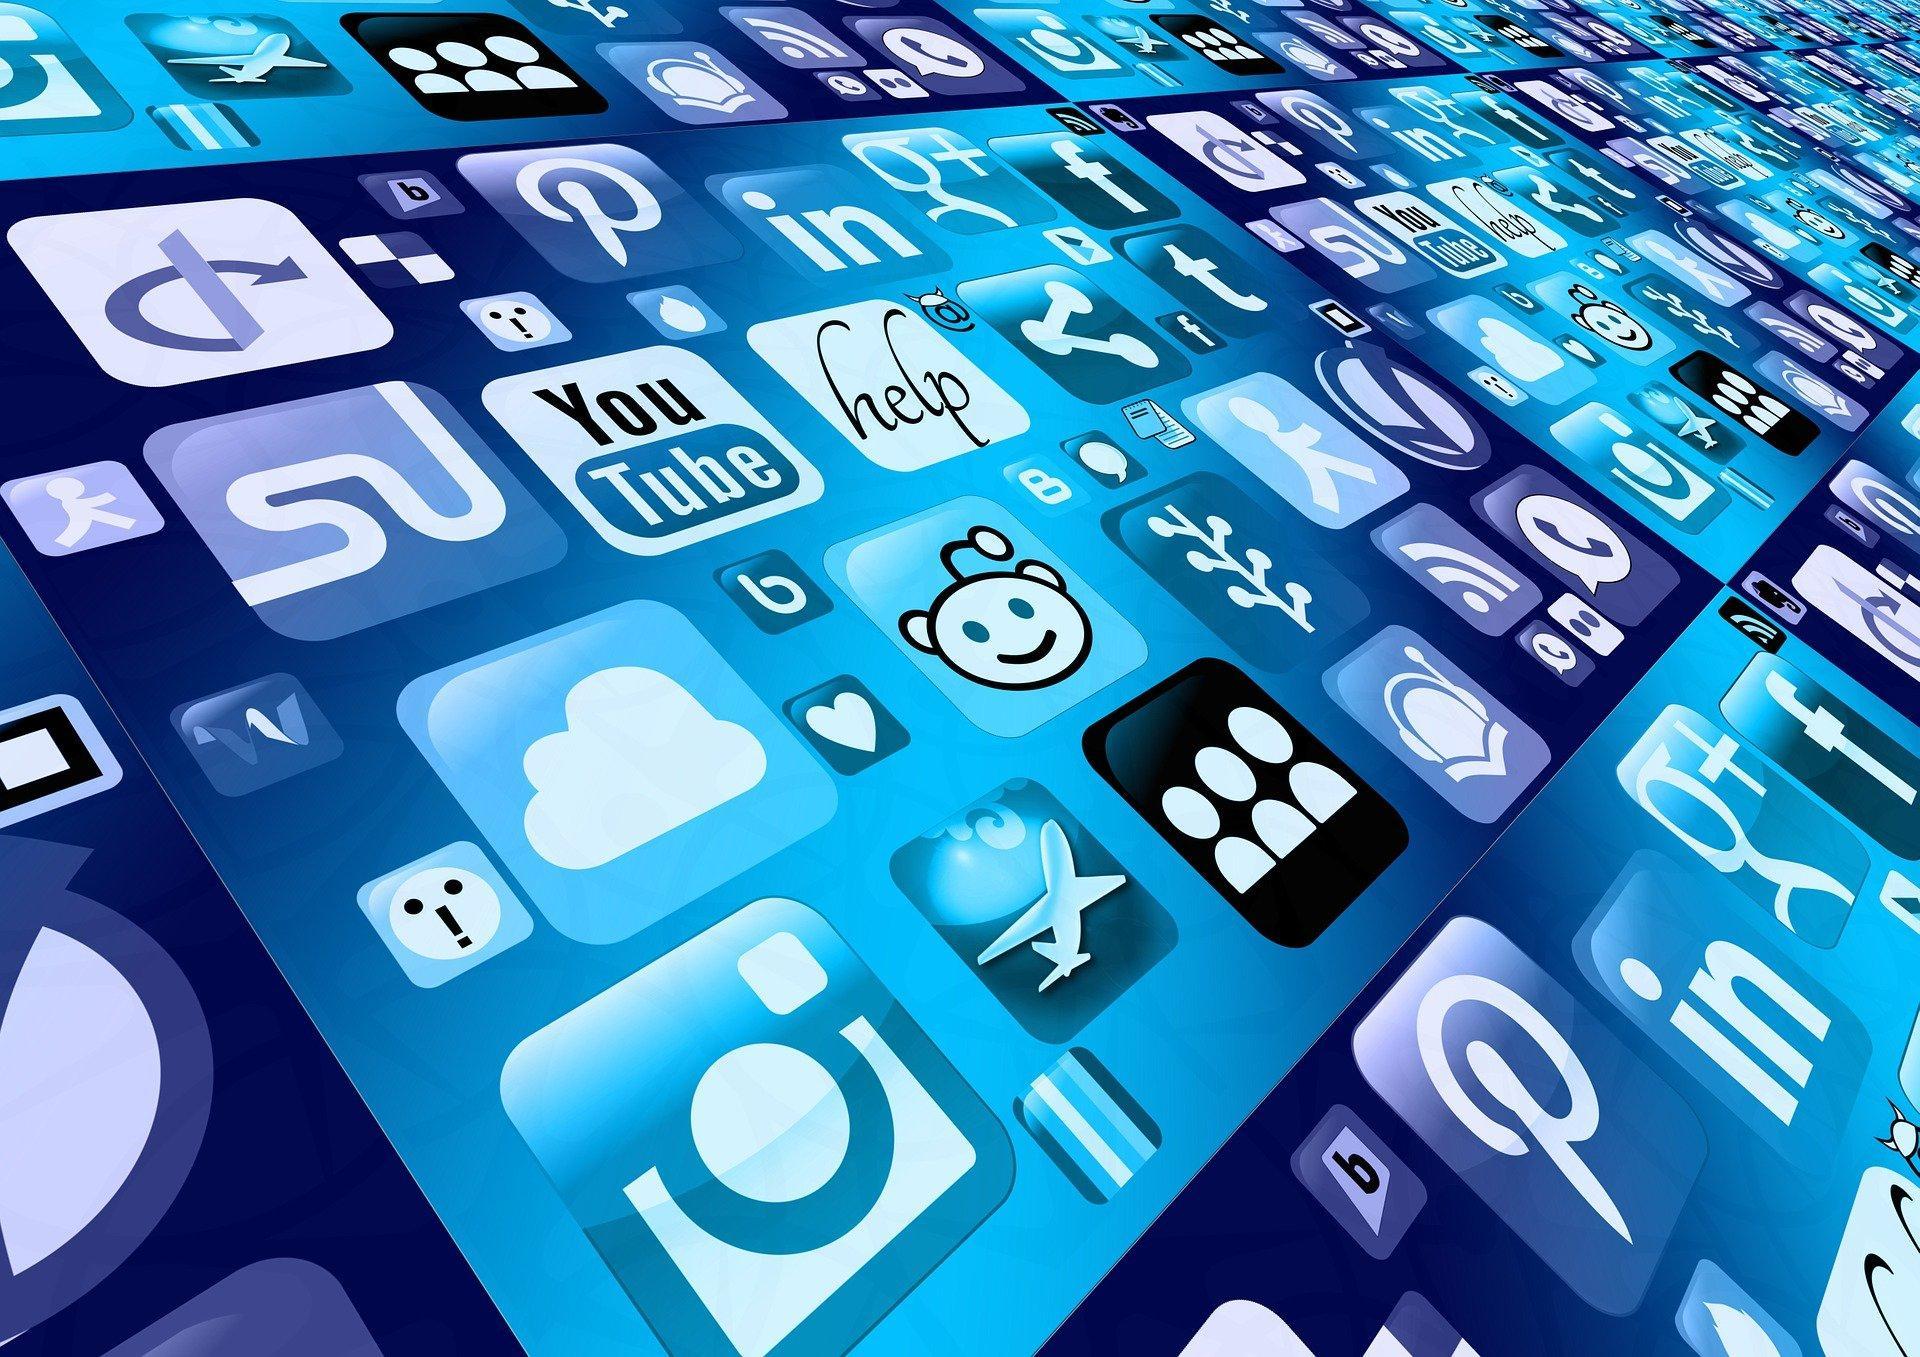 В Госдуме предложили урезать трафик Facebook и Twitter за нарушение законов России